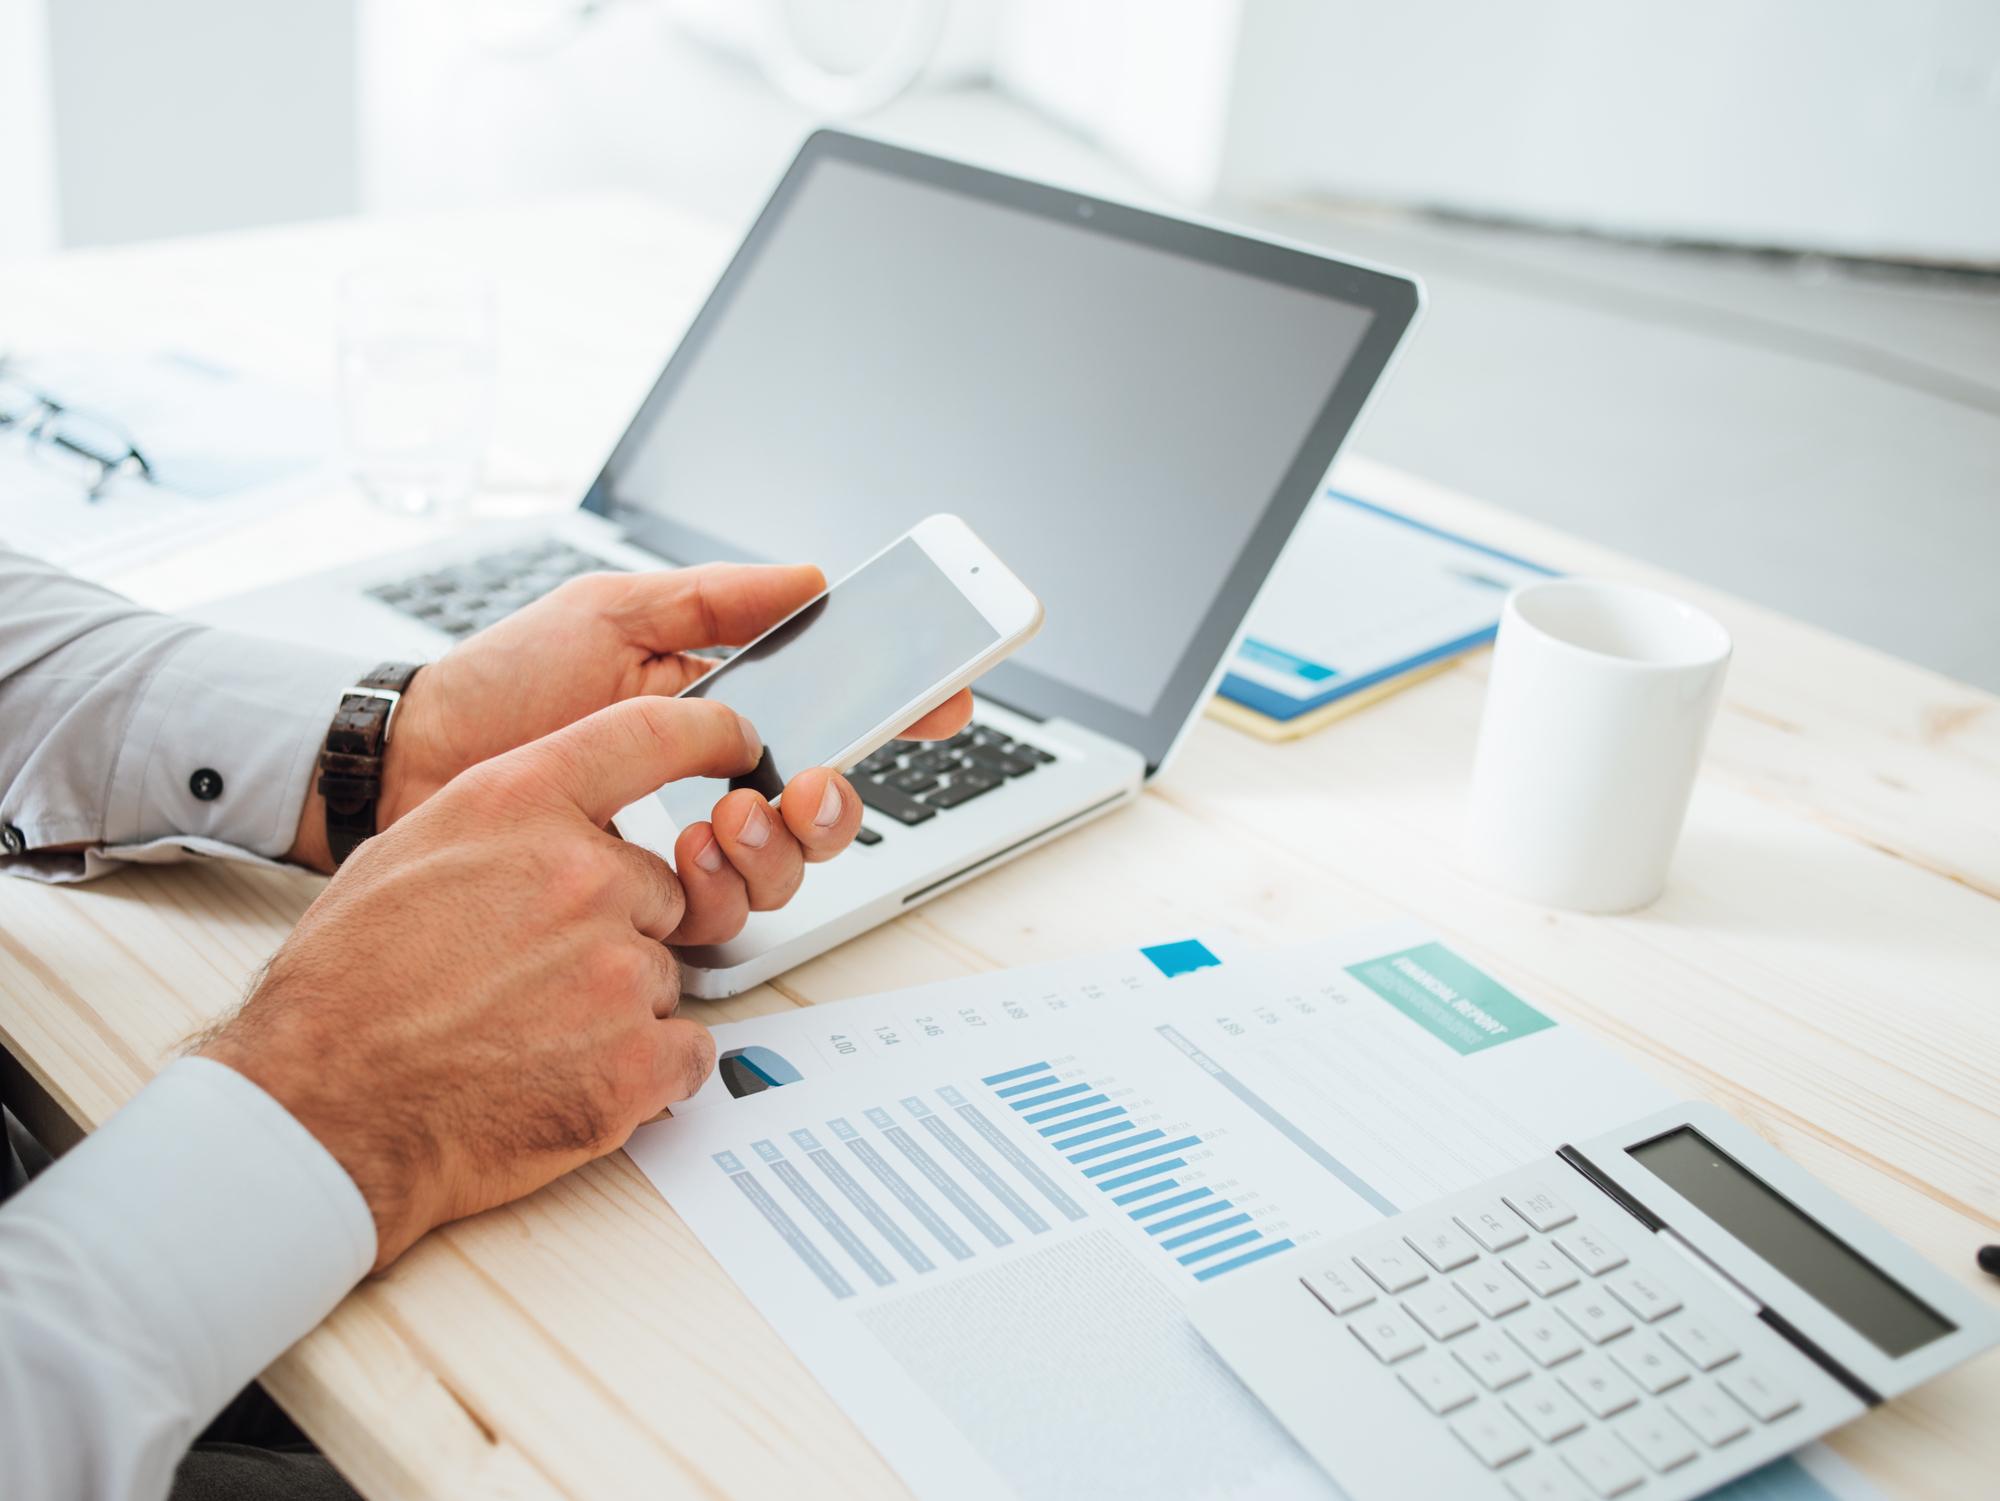 Online lån er en branche i hastig vækst